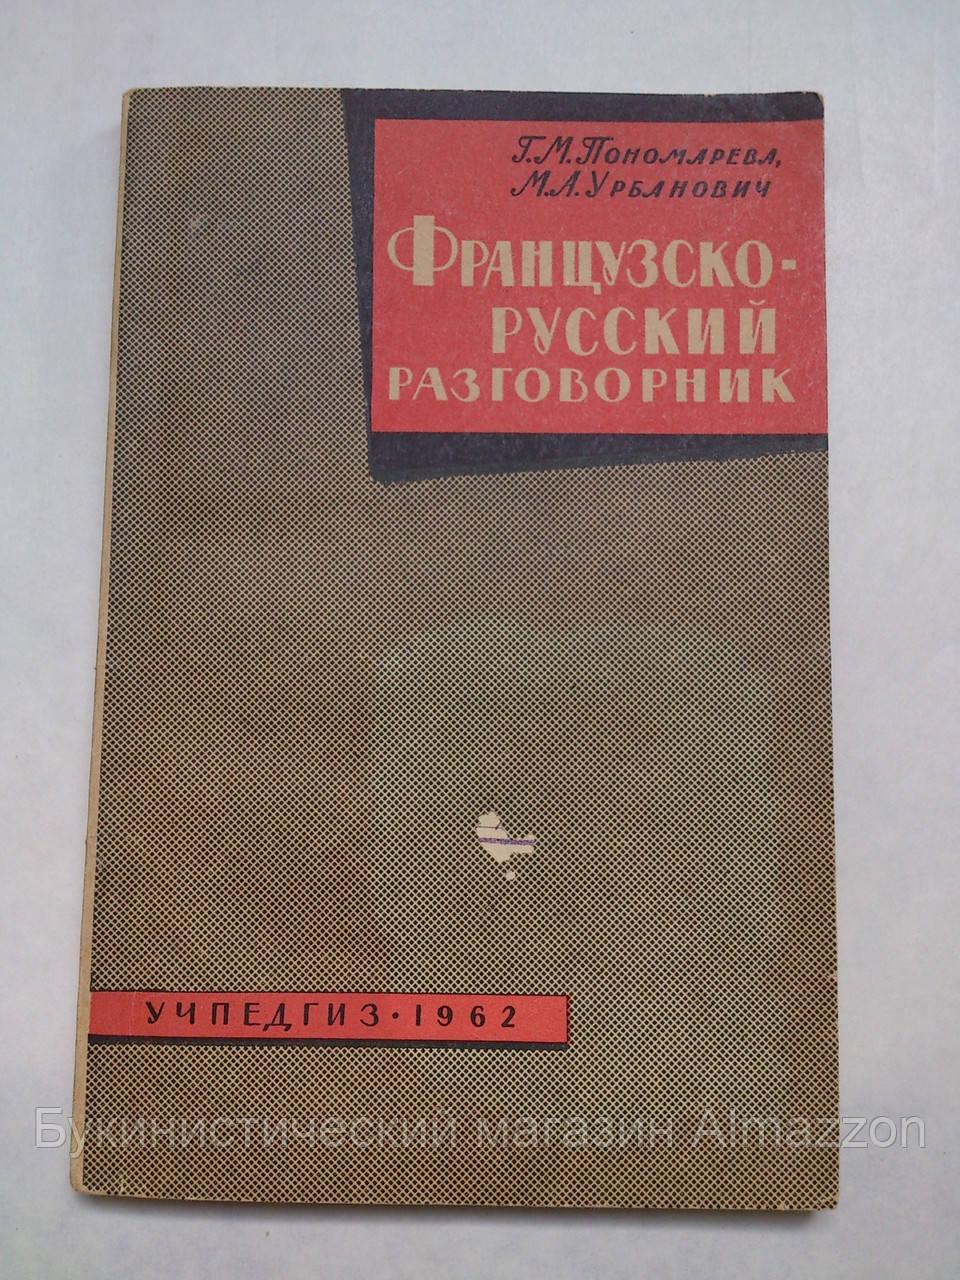 Г.Пономарева Французско-русский разговорник - Букинистический магазин Almazzon в Одессе